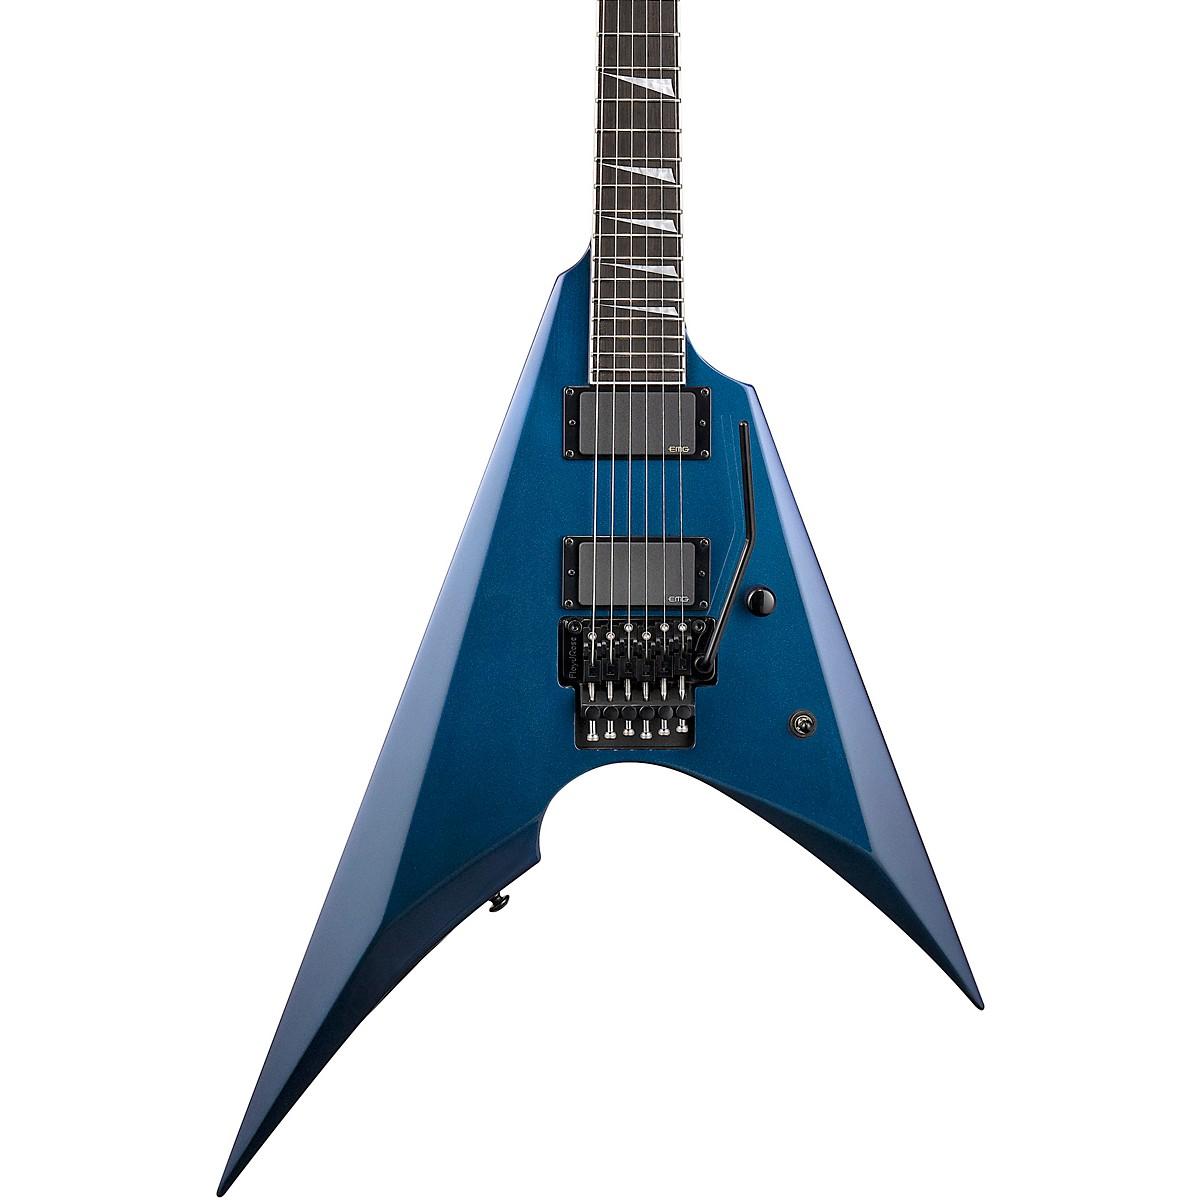 ESP LTD Arrow-1000 Electric Guitar